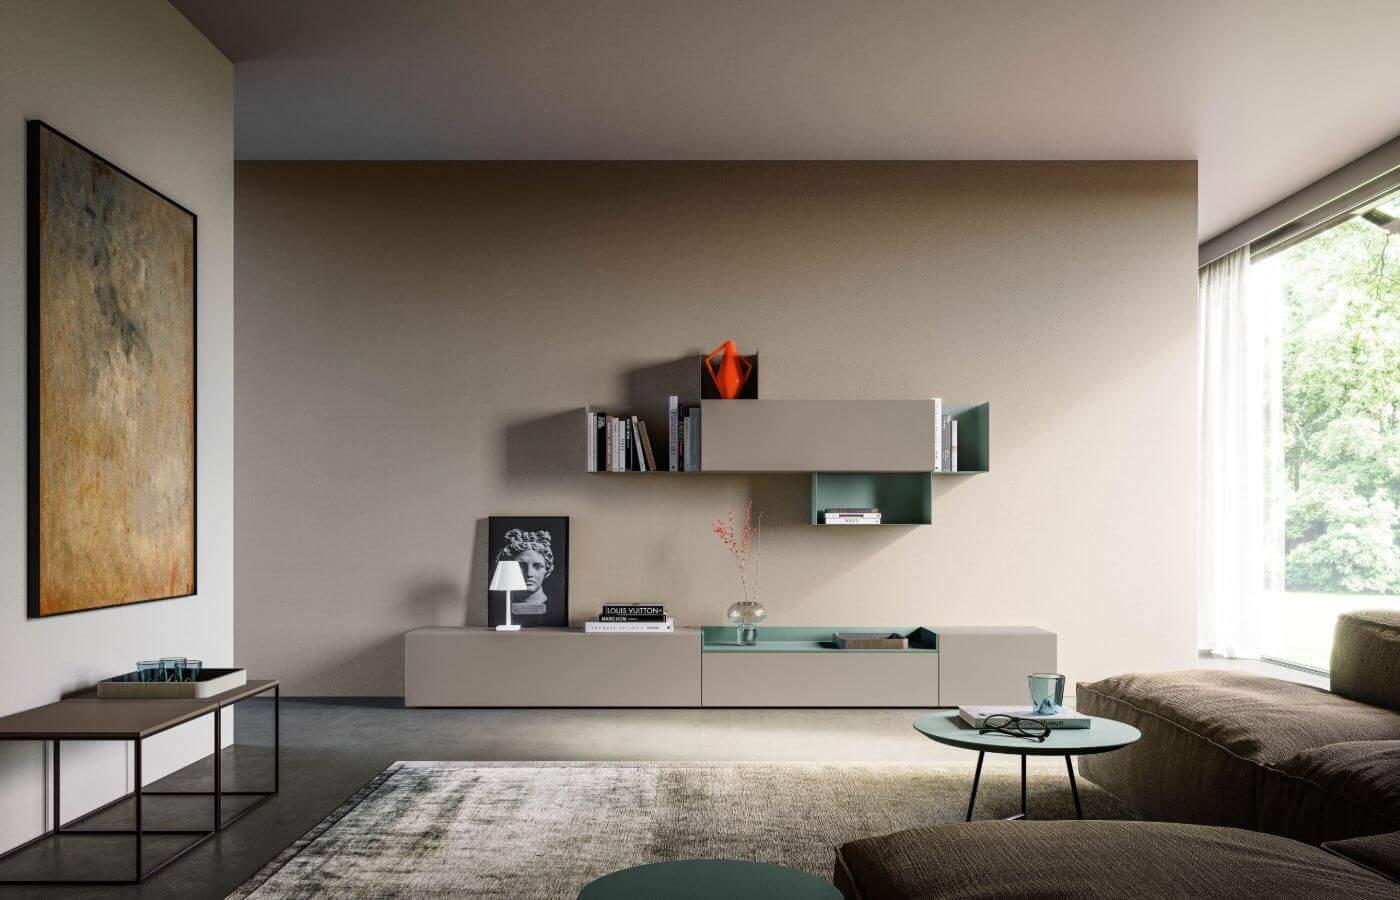 zona-giorno-parete-attrezzata-collezione-ibiza-il-mobile (1)